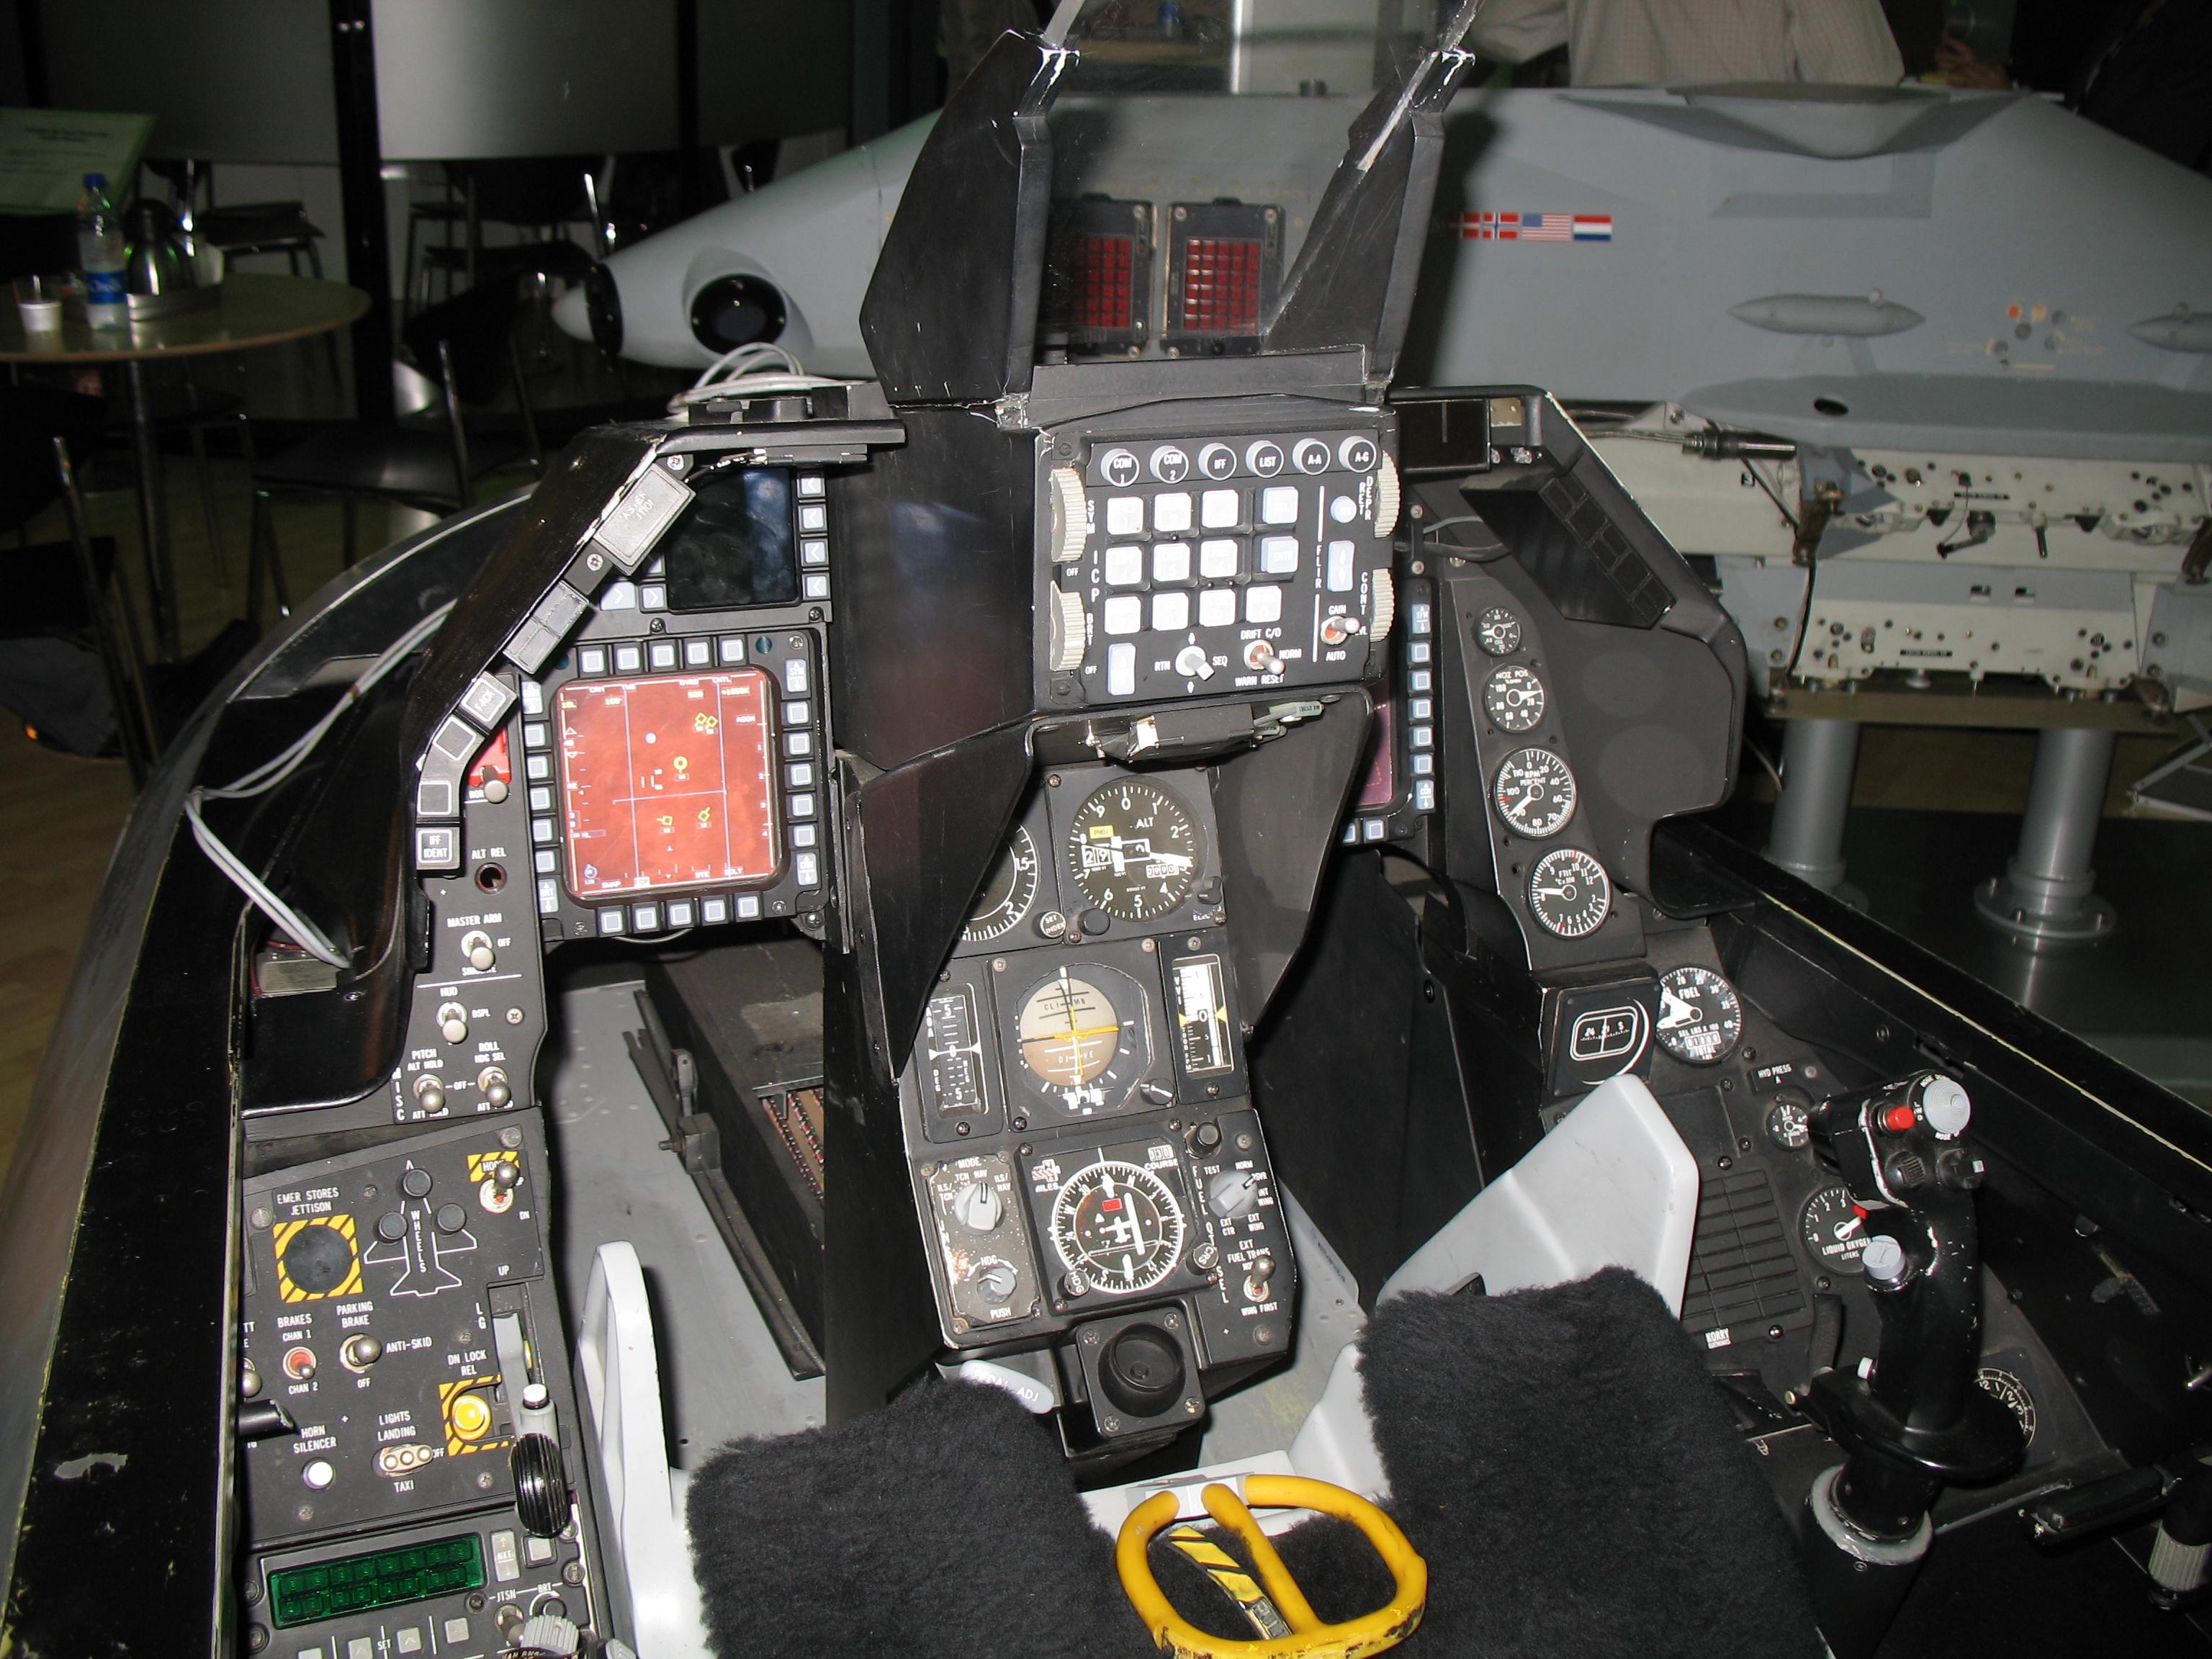 Viper Jet Cockpit Cramped Cockpit of Jet Trainer